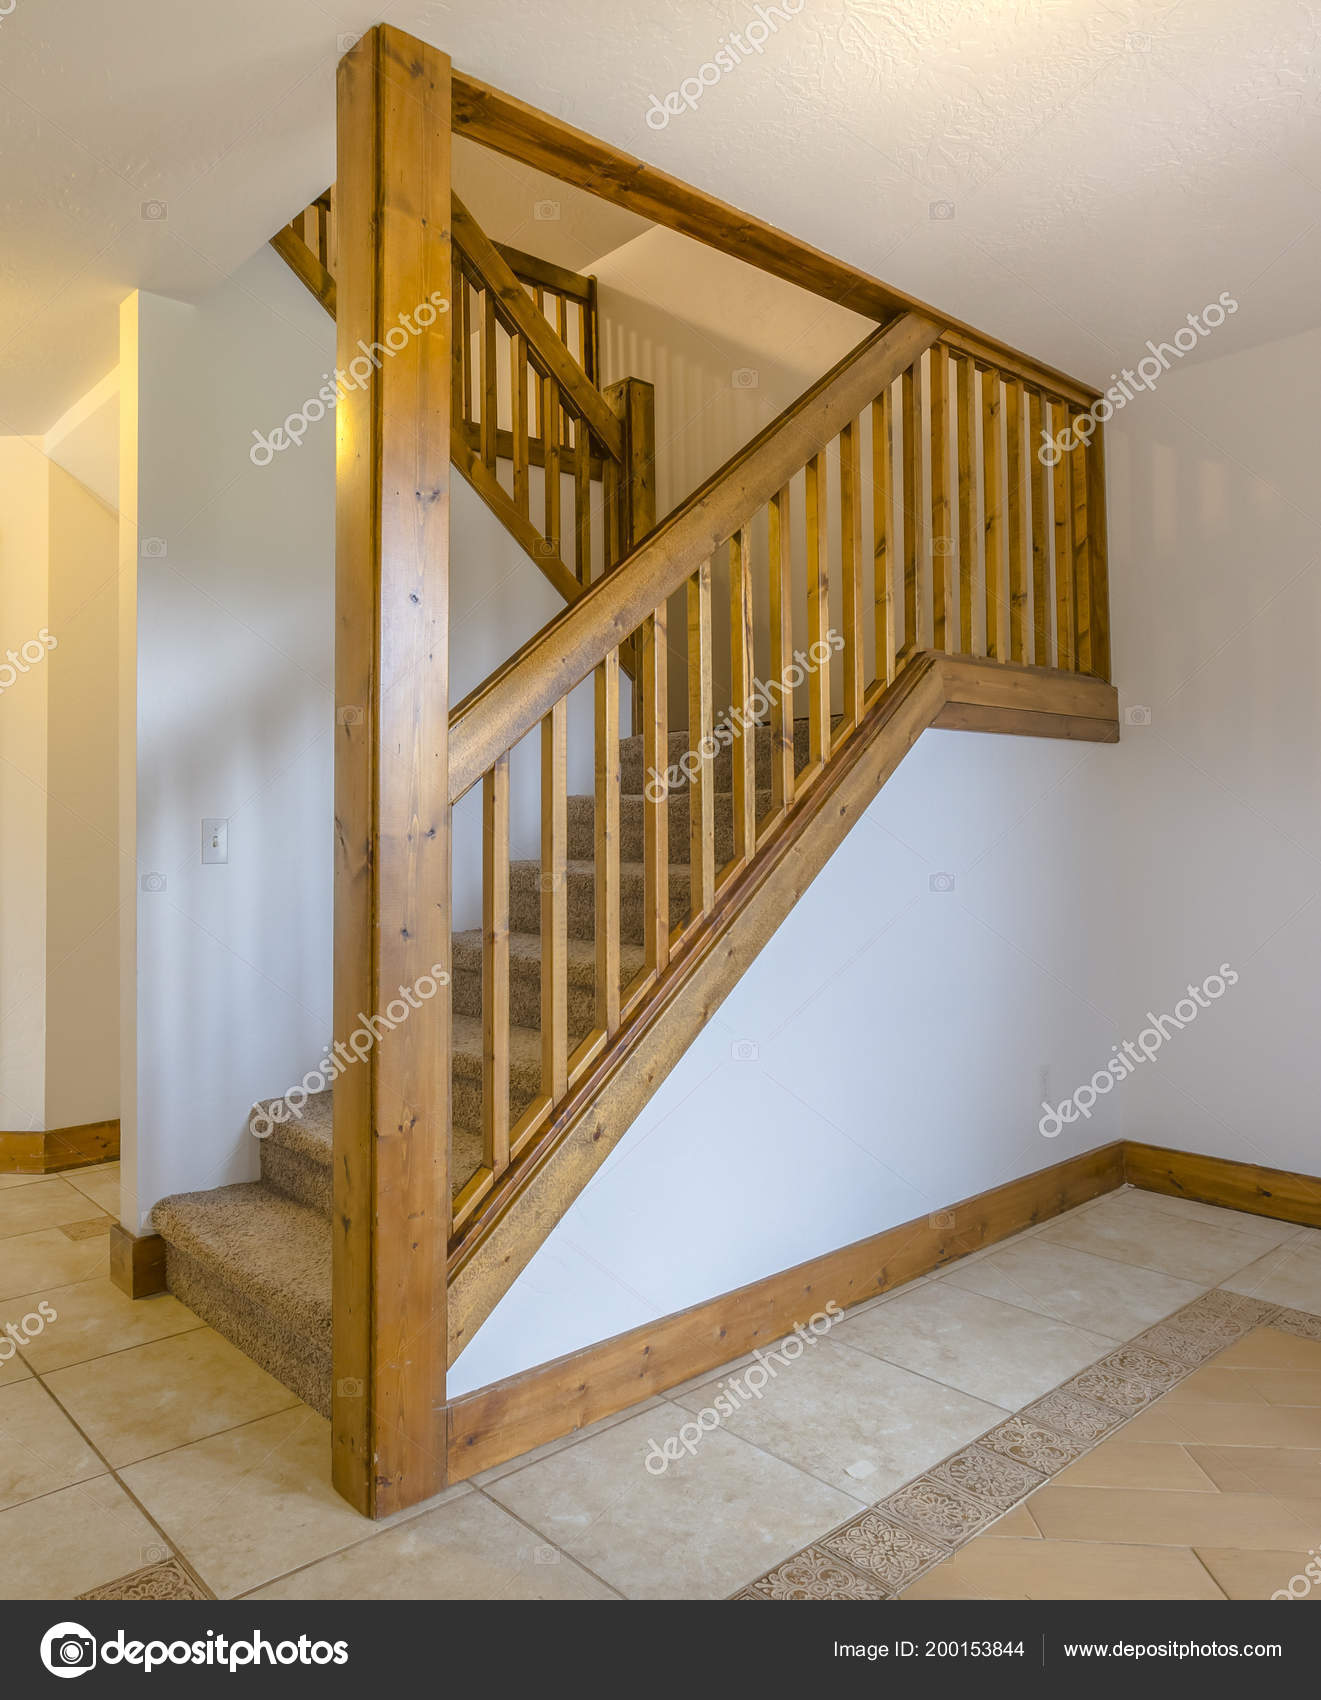 rampe d escalier en bois et de la colonne dans la maison. Black Bedroom Furniture Sets. Home Design Ideas